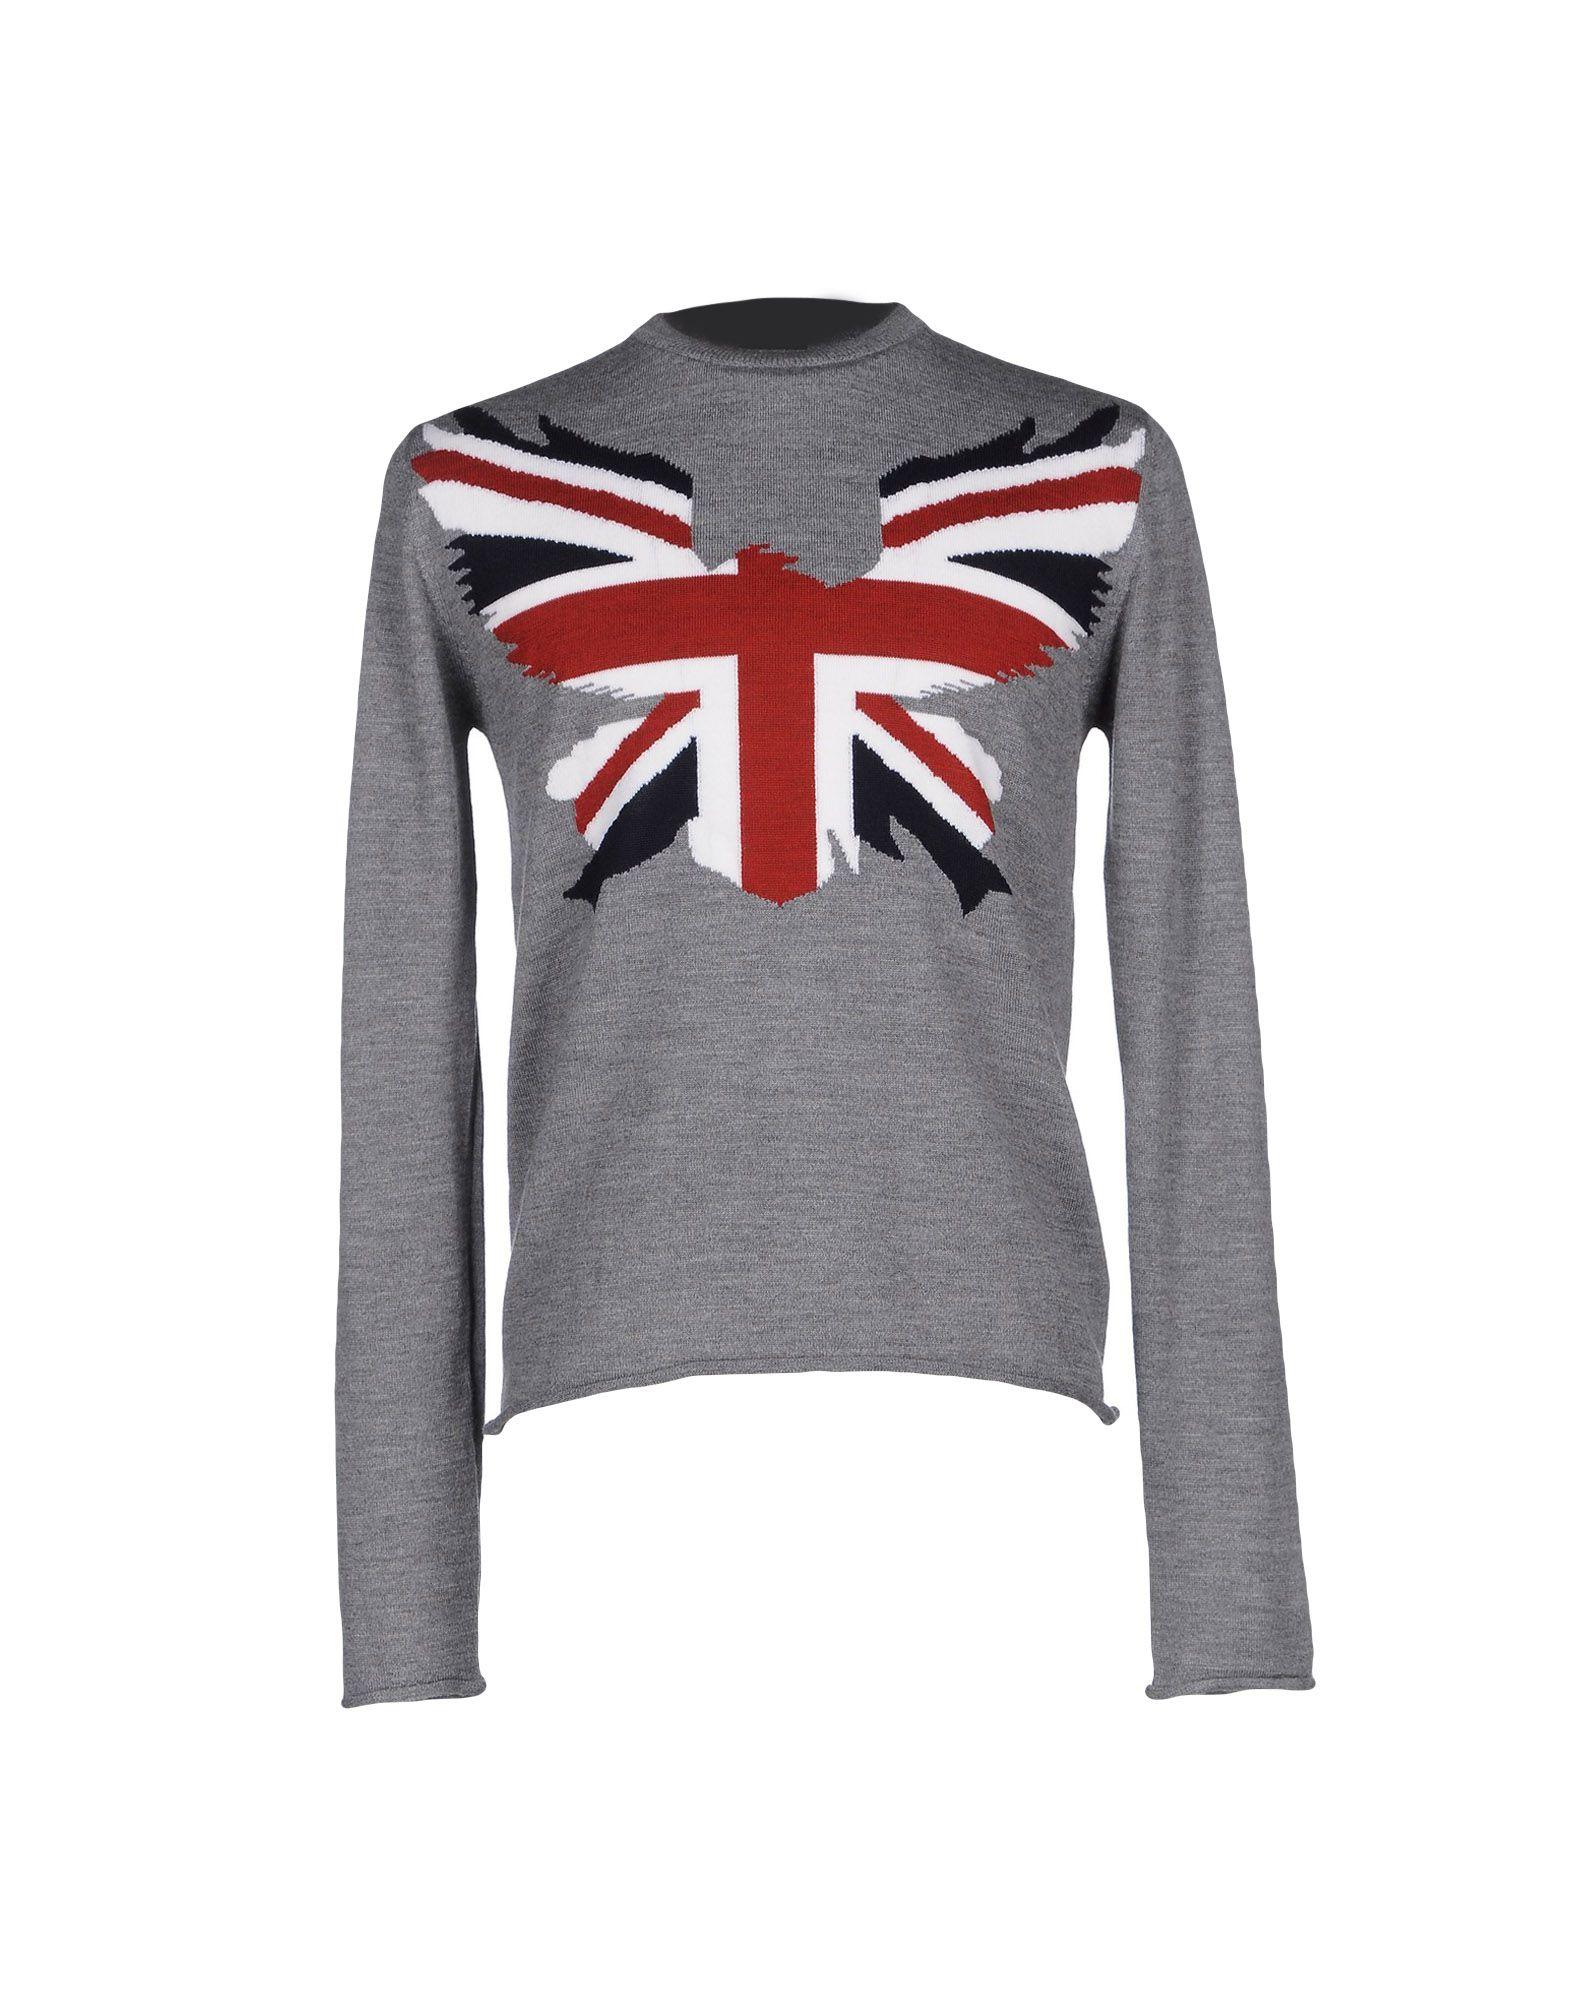 RICHMOND DENIM Sweater in Grey